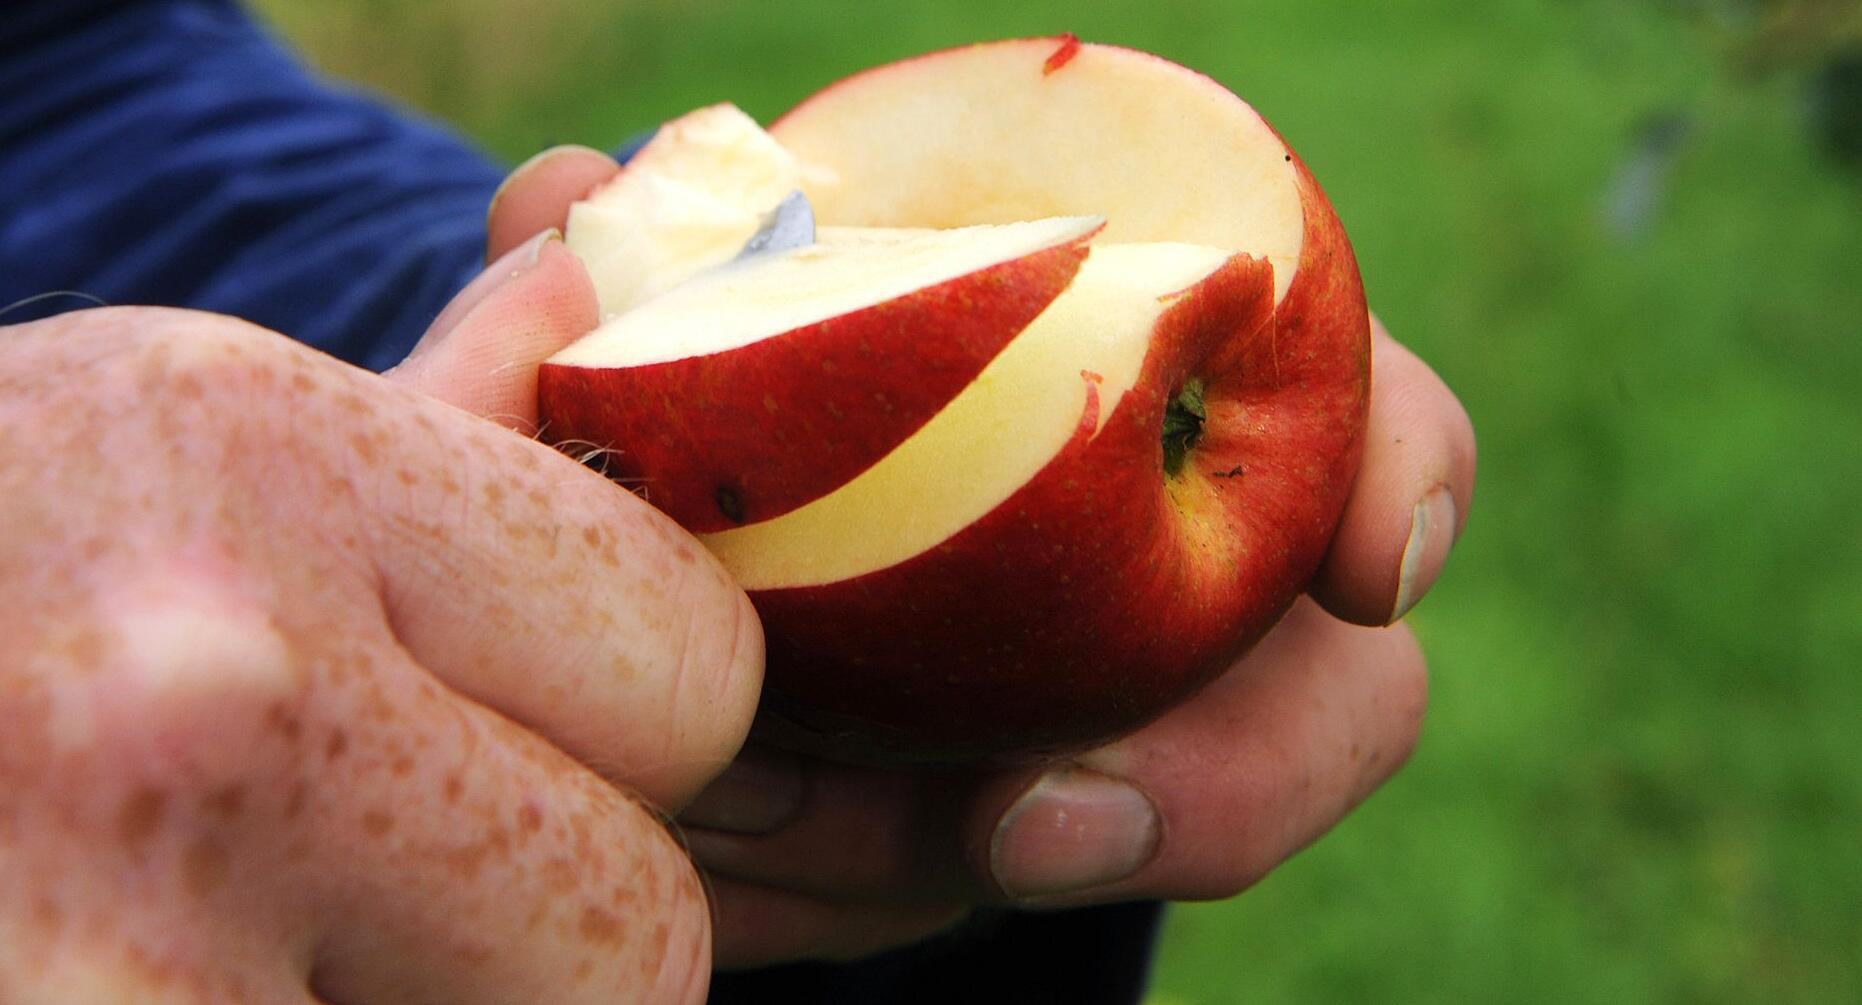 Bild zu Studie: Wie Raucher und Trinker von Äpfeln und Tee profitieren